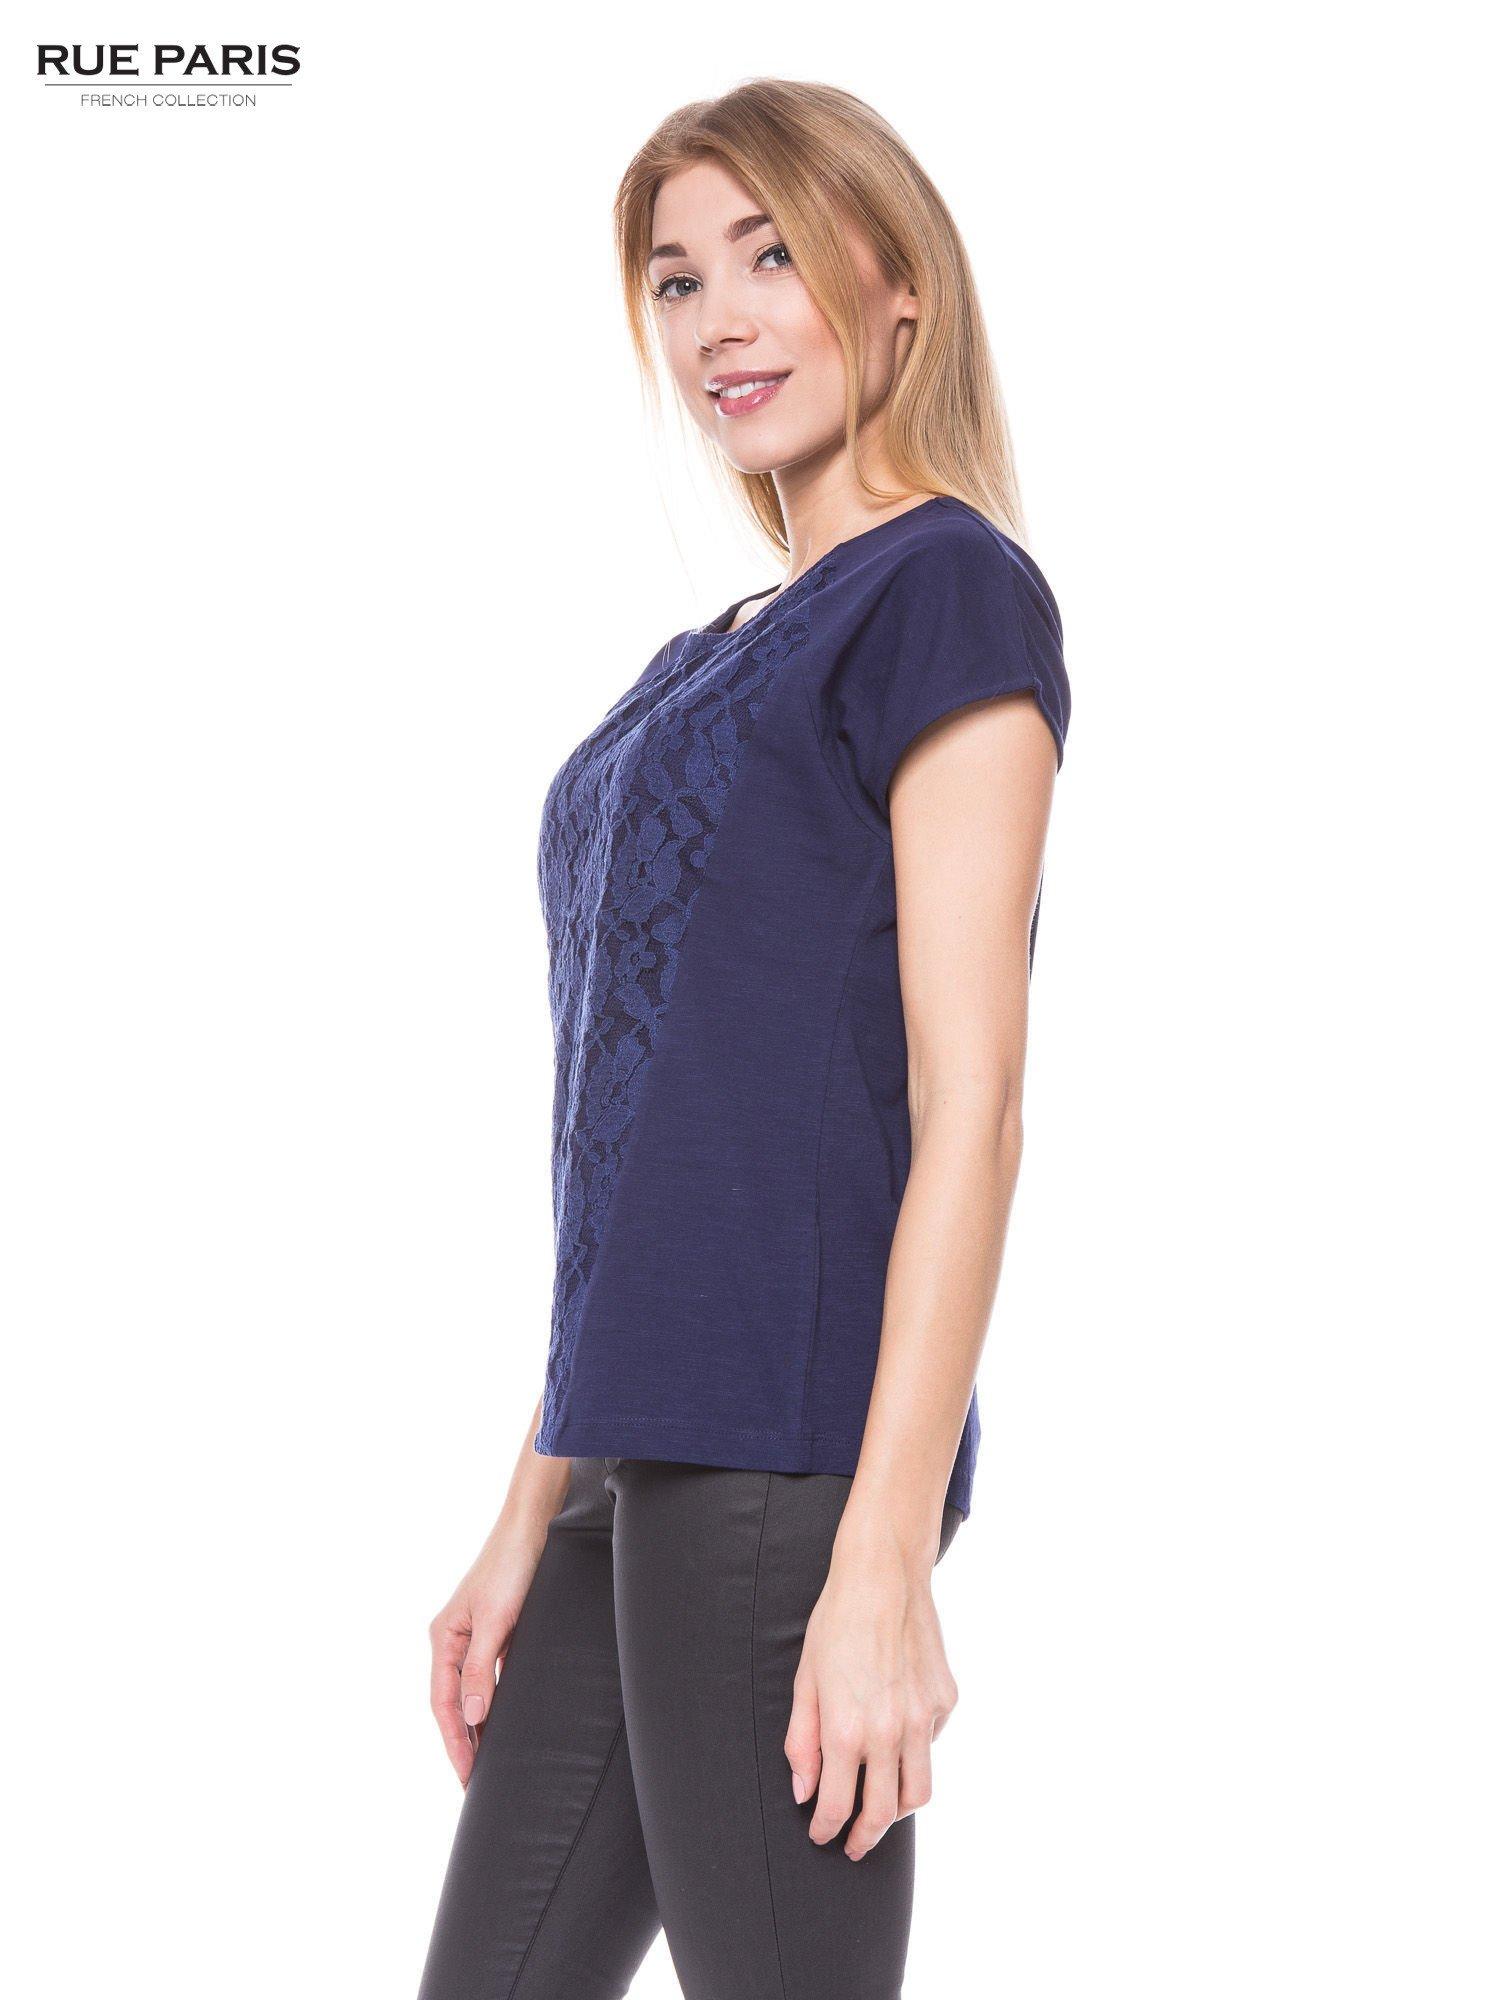 Granatowy t-shirt z koronkowym przodem                                  zdj.                                  2